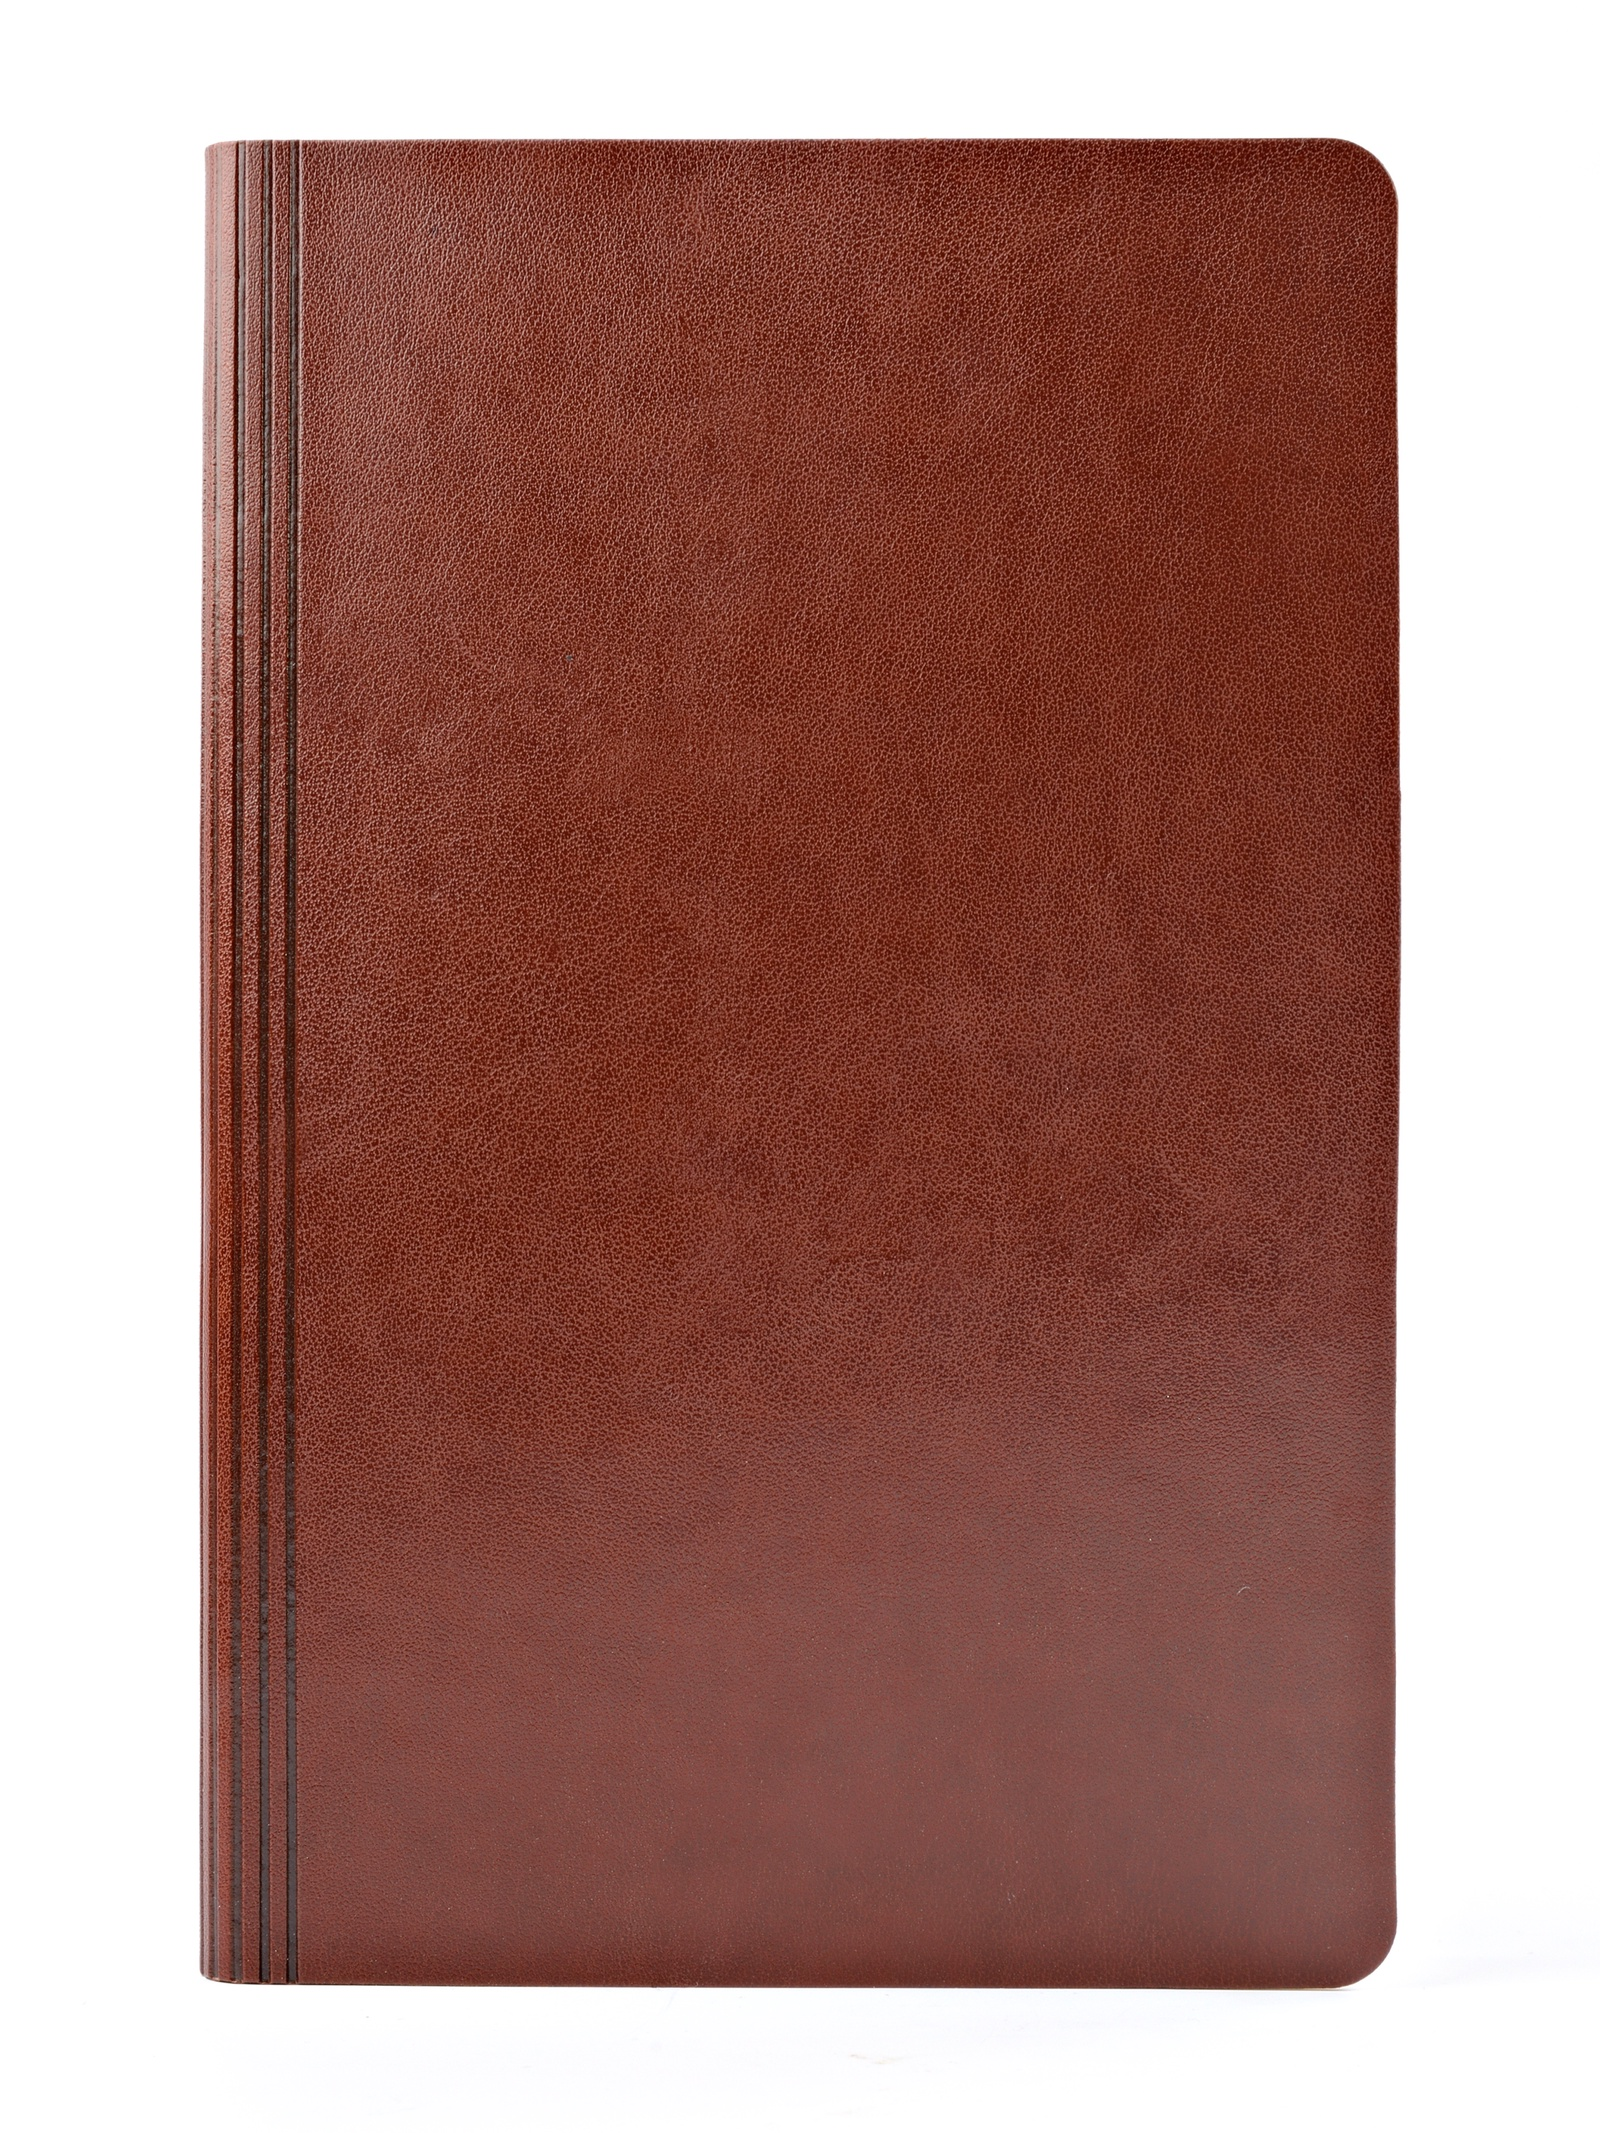 Записная книга Lediberg Group в гибкой обложке IVORY SANTIAGO